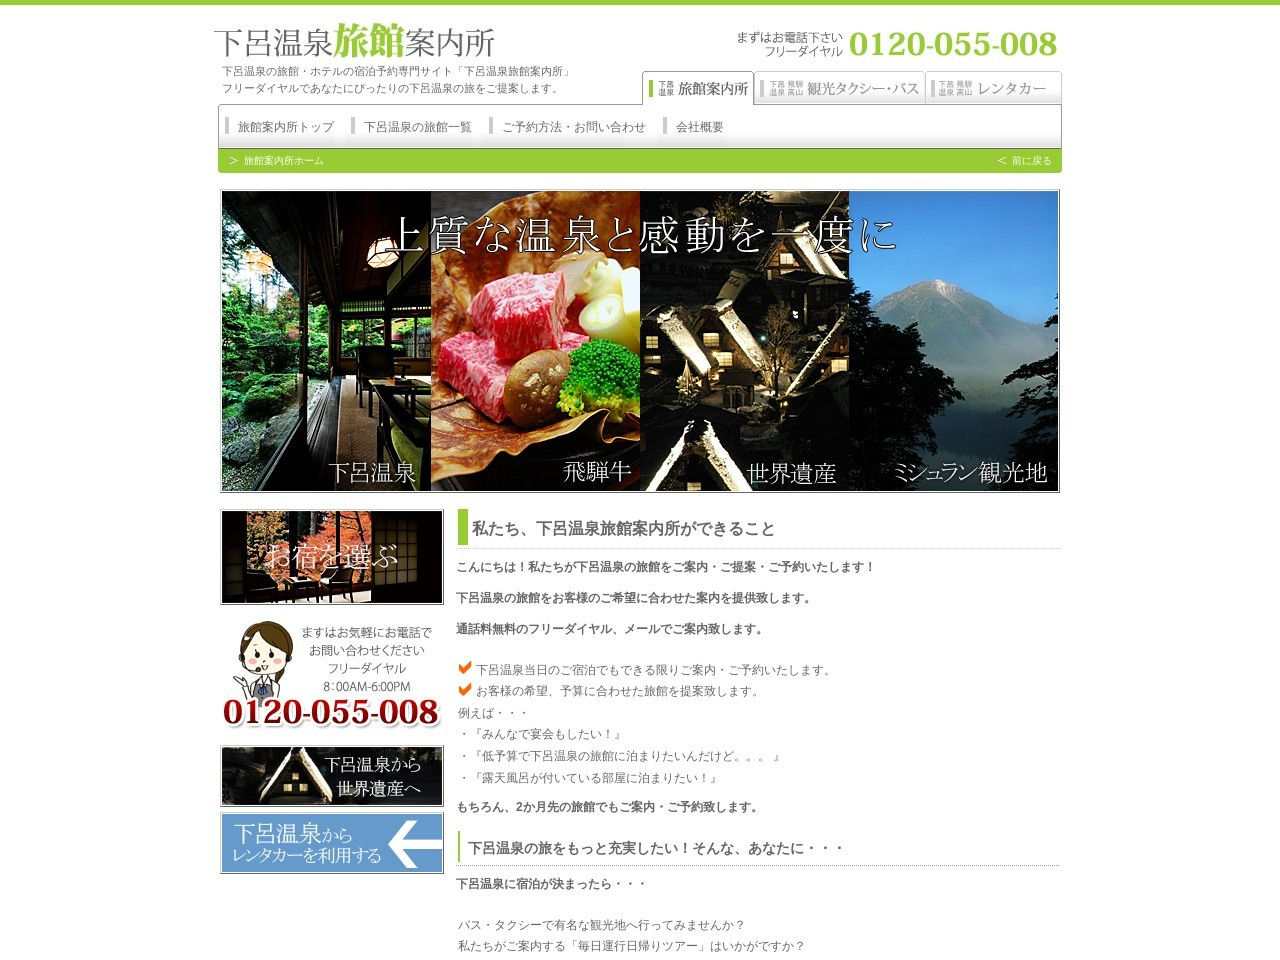 飛騨交通観光サービス